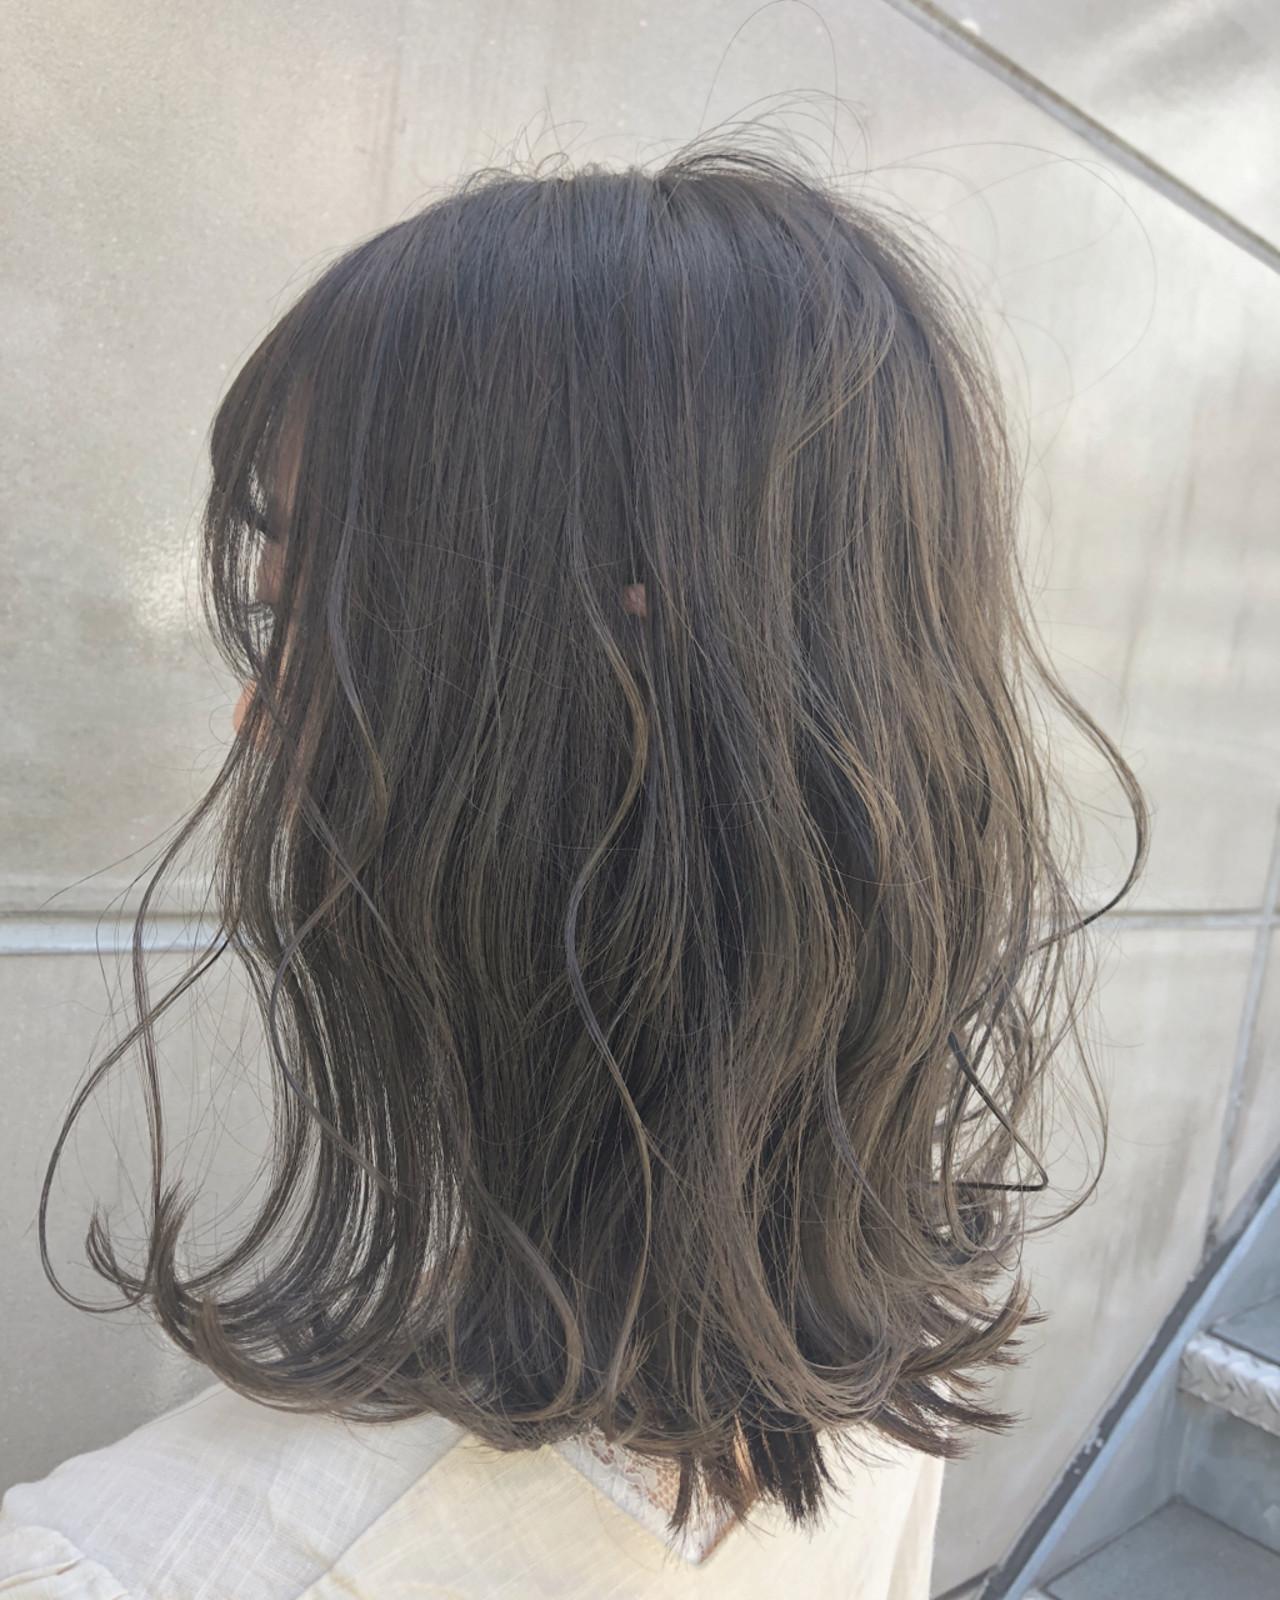 グレージュ エフォートレス 簡単ヘアアレンジ ボブ ヘアスタイルや髪型の写真・画像 | 北間 寛哉/ KILLA / KILLA 原宿 表参道